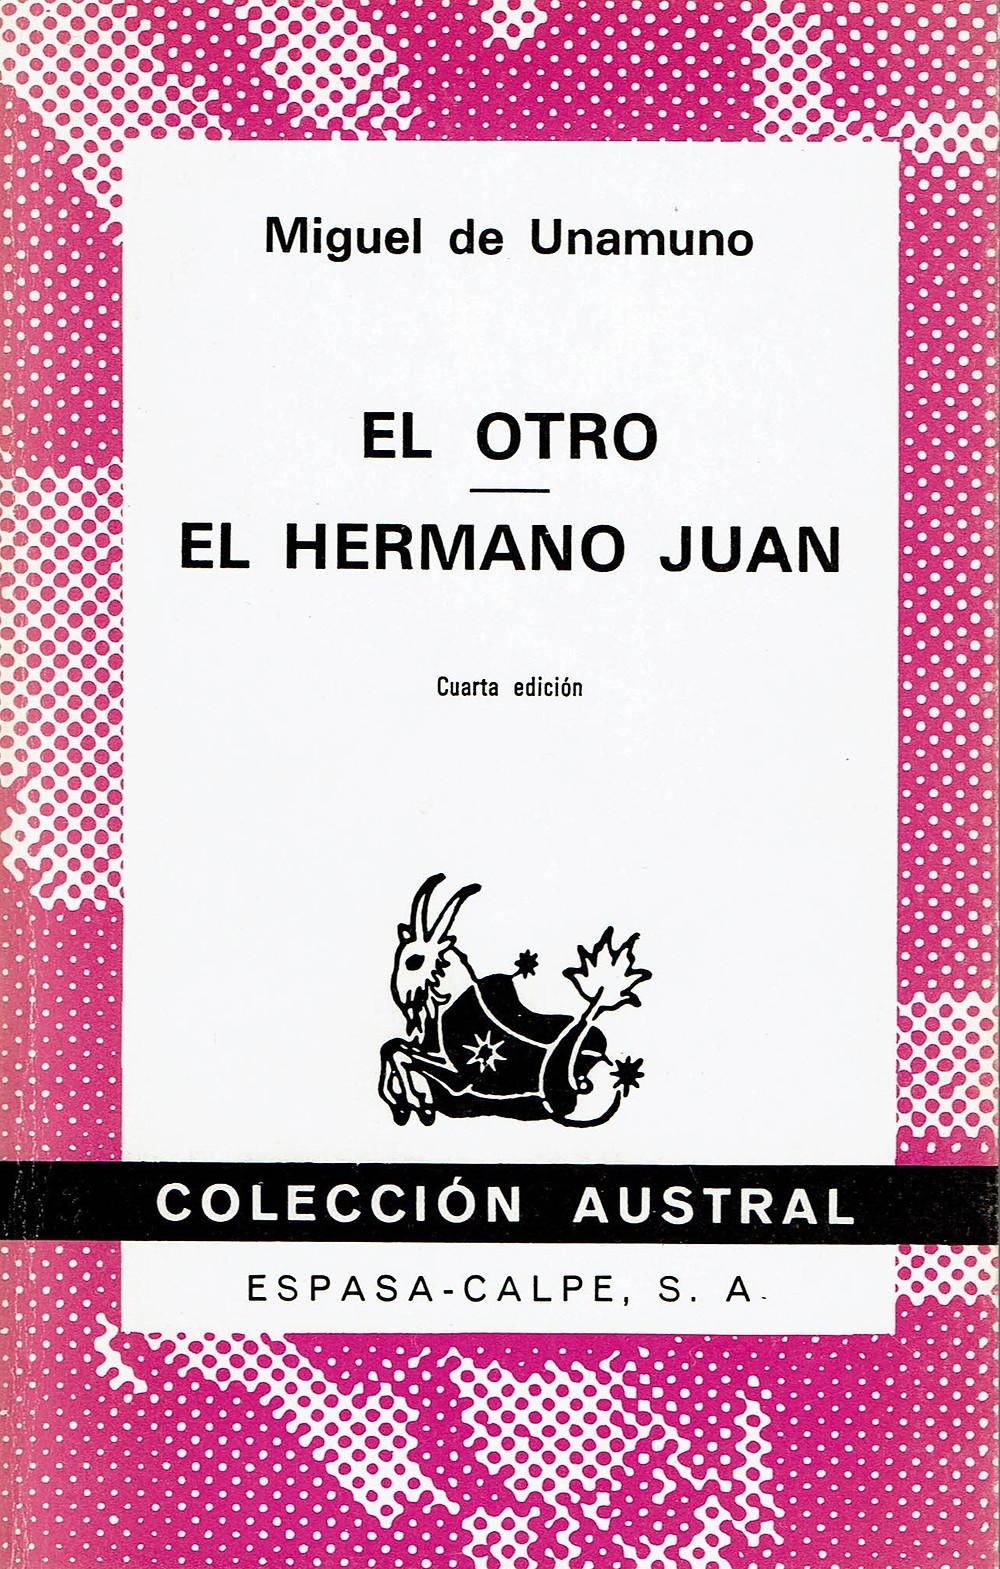 El otro. El hermano Juan. Miguel de Unamuno. Teatro. Colección austral. Madrid. 1975.